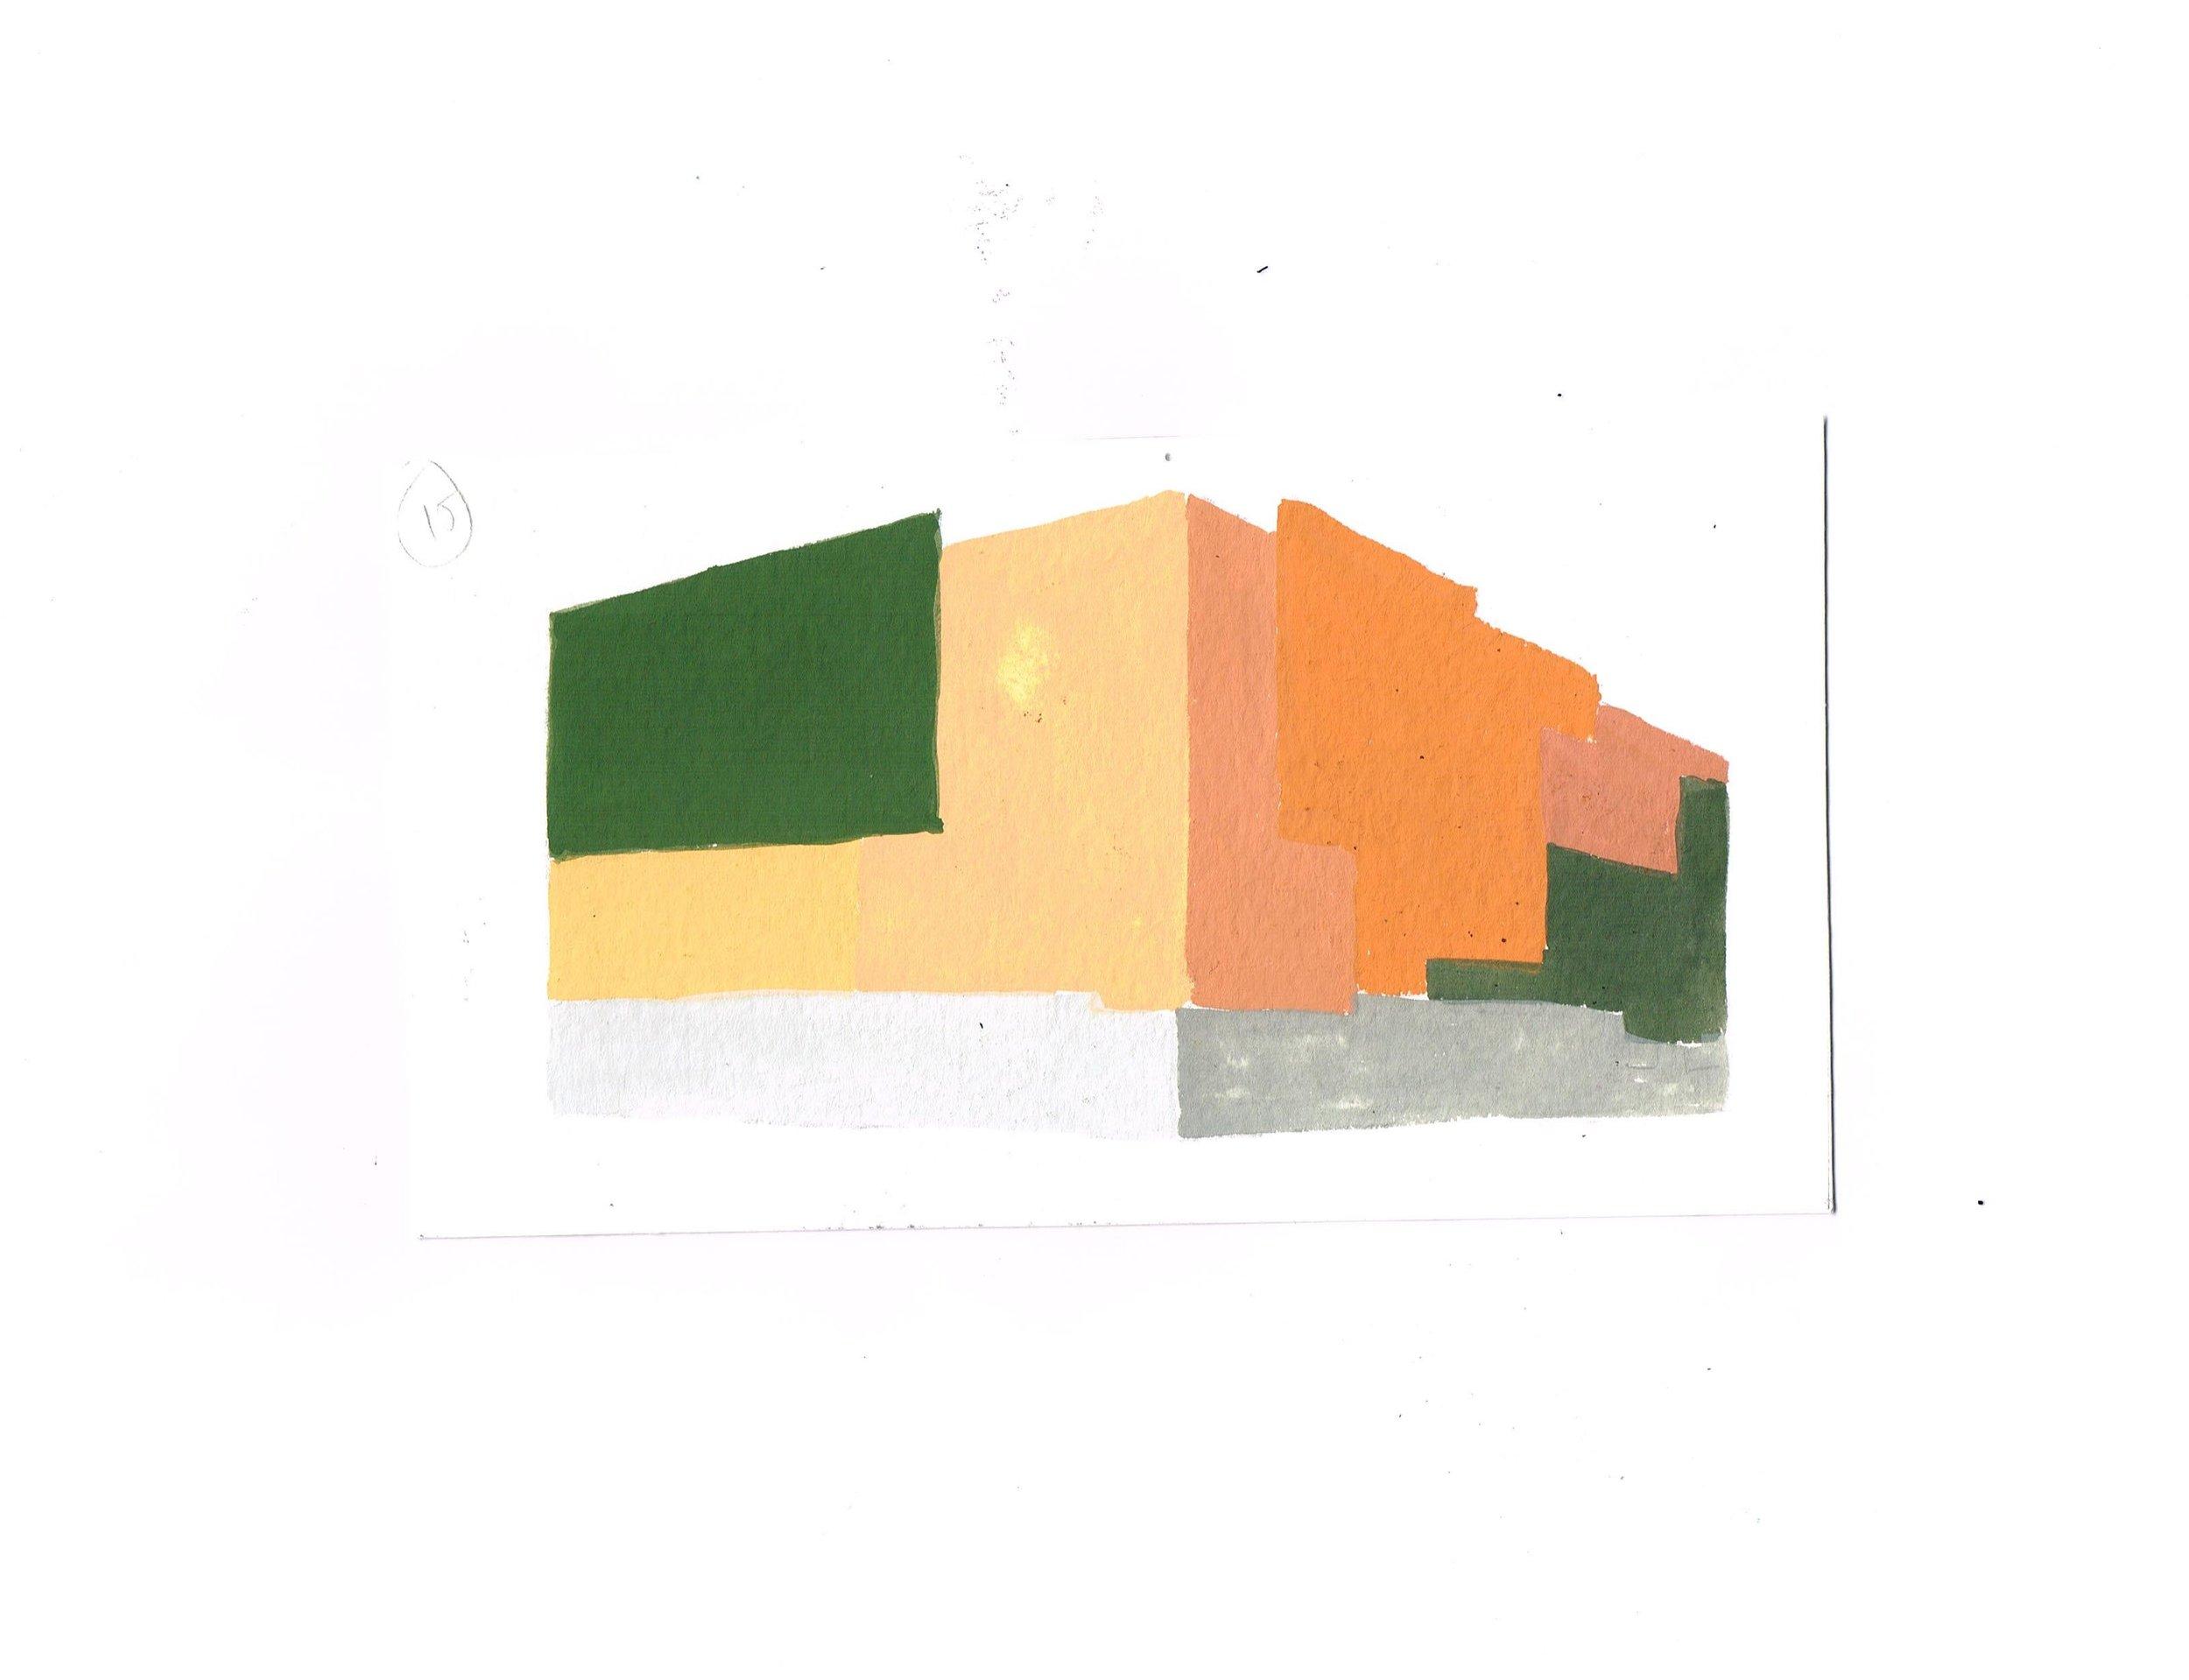 15_sage-tan-orange.jpg